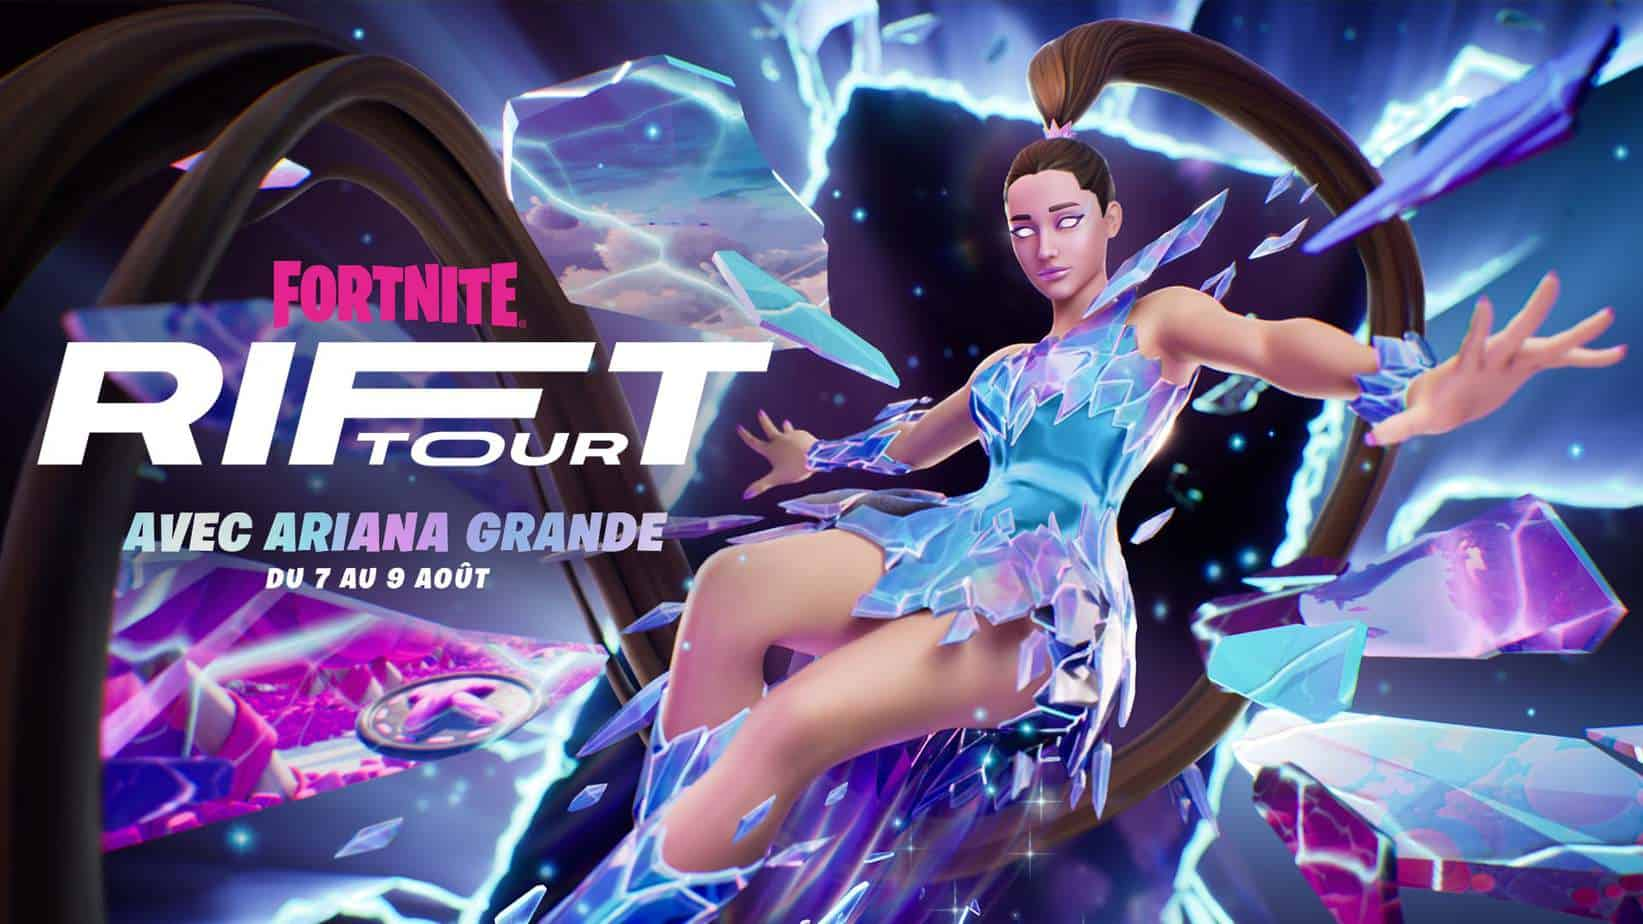 Le Rift Tour de Fortnite pourra compter sur Ariana Grande.